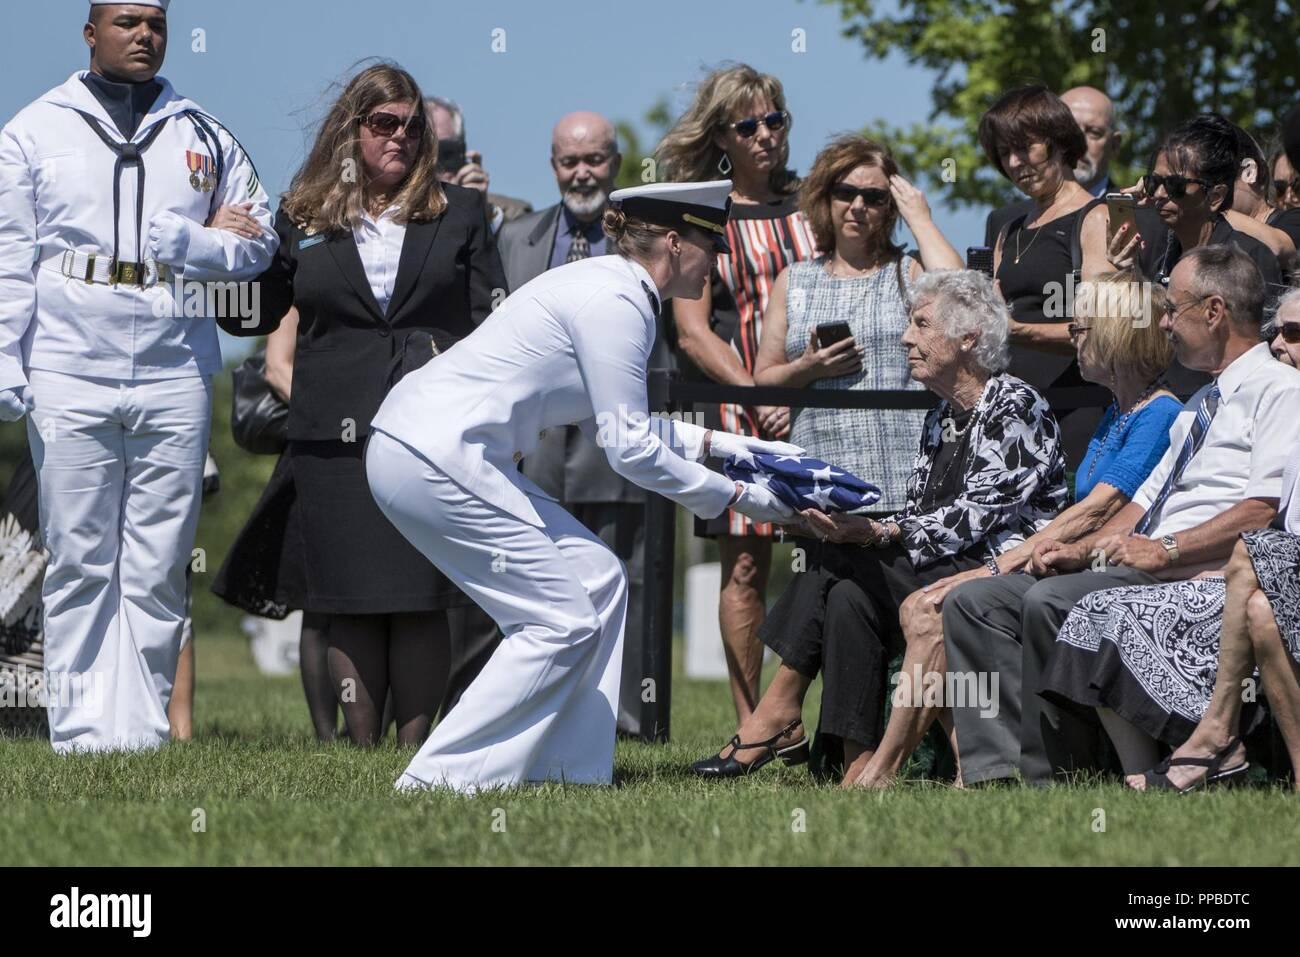 El Teniente de la Marina estadounidense Danielle Garbarino, comandante de las tropas de la Guardia ceremonial, La Marina de los Estados Unidos, presenta la bandera de los EE.UU a Lucy Liebenow honores durante todo el funeral de su marido, el Teniente Comandante de la Marina estadounidense William Liebenow en la sección 62 del Cementerio Nacional de Arlington, Arlington, Virginia, 23 de agosto de 2018. El 7 de agosto de 1943, una patrulla patroneado Liebenow barco torpedo para rescatar a los marineros de PT-109 que habían sobrevivido a varios días en inhóspitas islas tras un destructor japonés había embestido su barco, matando a dos miembros de la tripulación. Entre las personas rescatadas fue la bunkmate Liebenow, John F. Kennedy, entonces de 26. Por sus actos de h Foto de stock